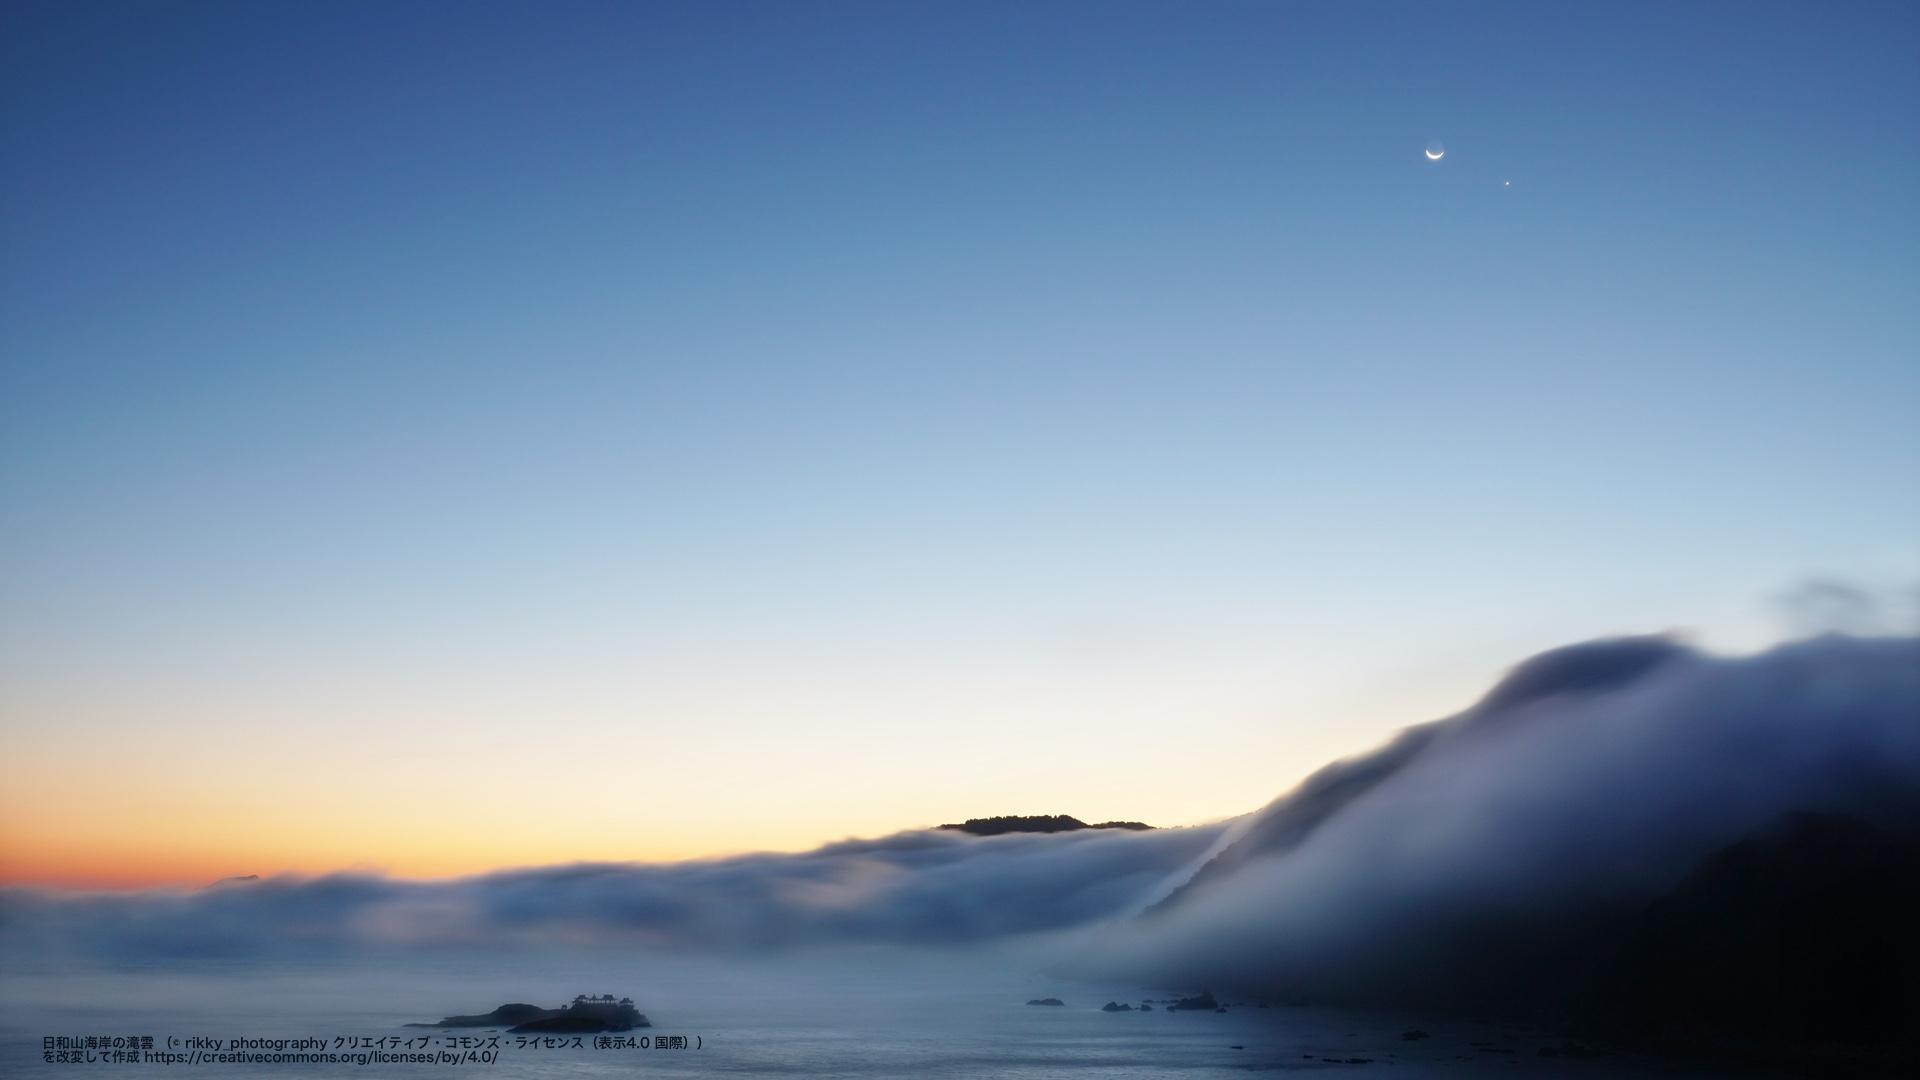 日和山海岸の滝雲(兵庫県)